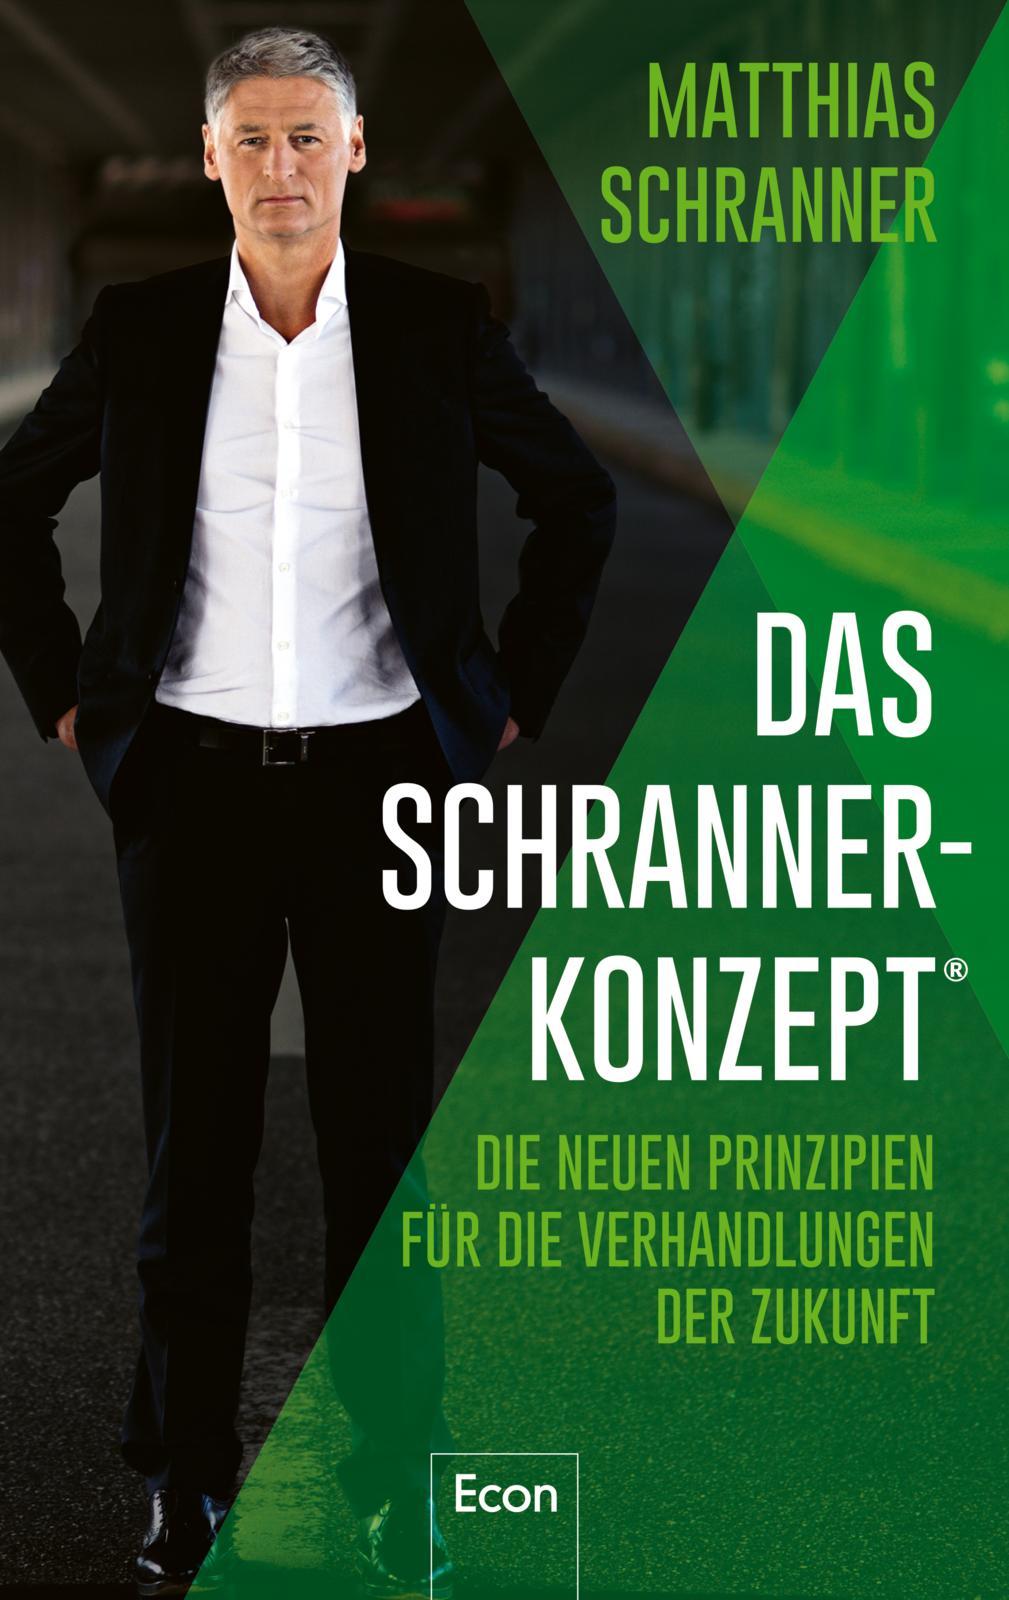 Das Schranner-Konzept®: Die neuen Prinzipien für die Verhandlungen der Zukunft